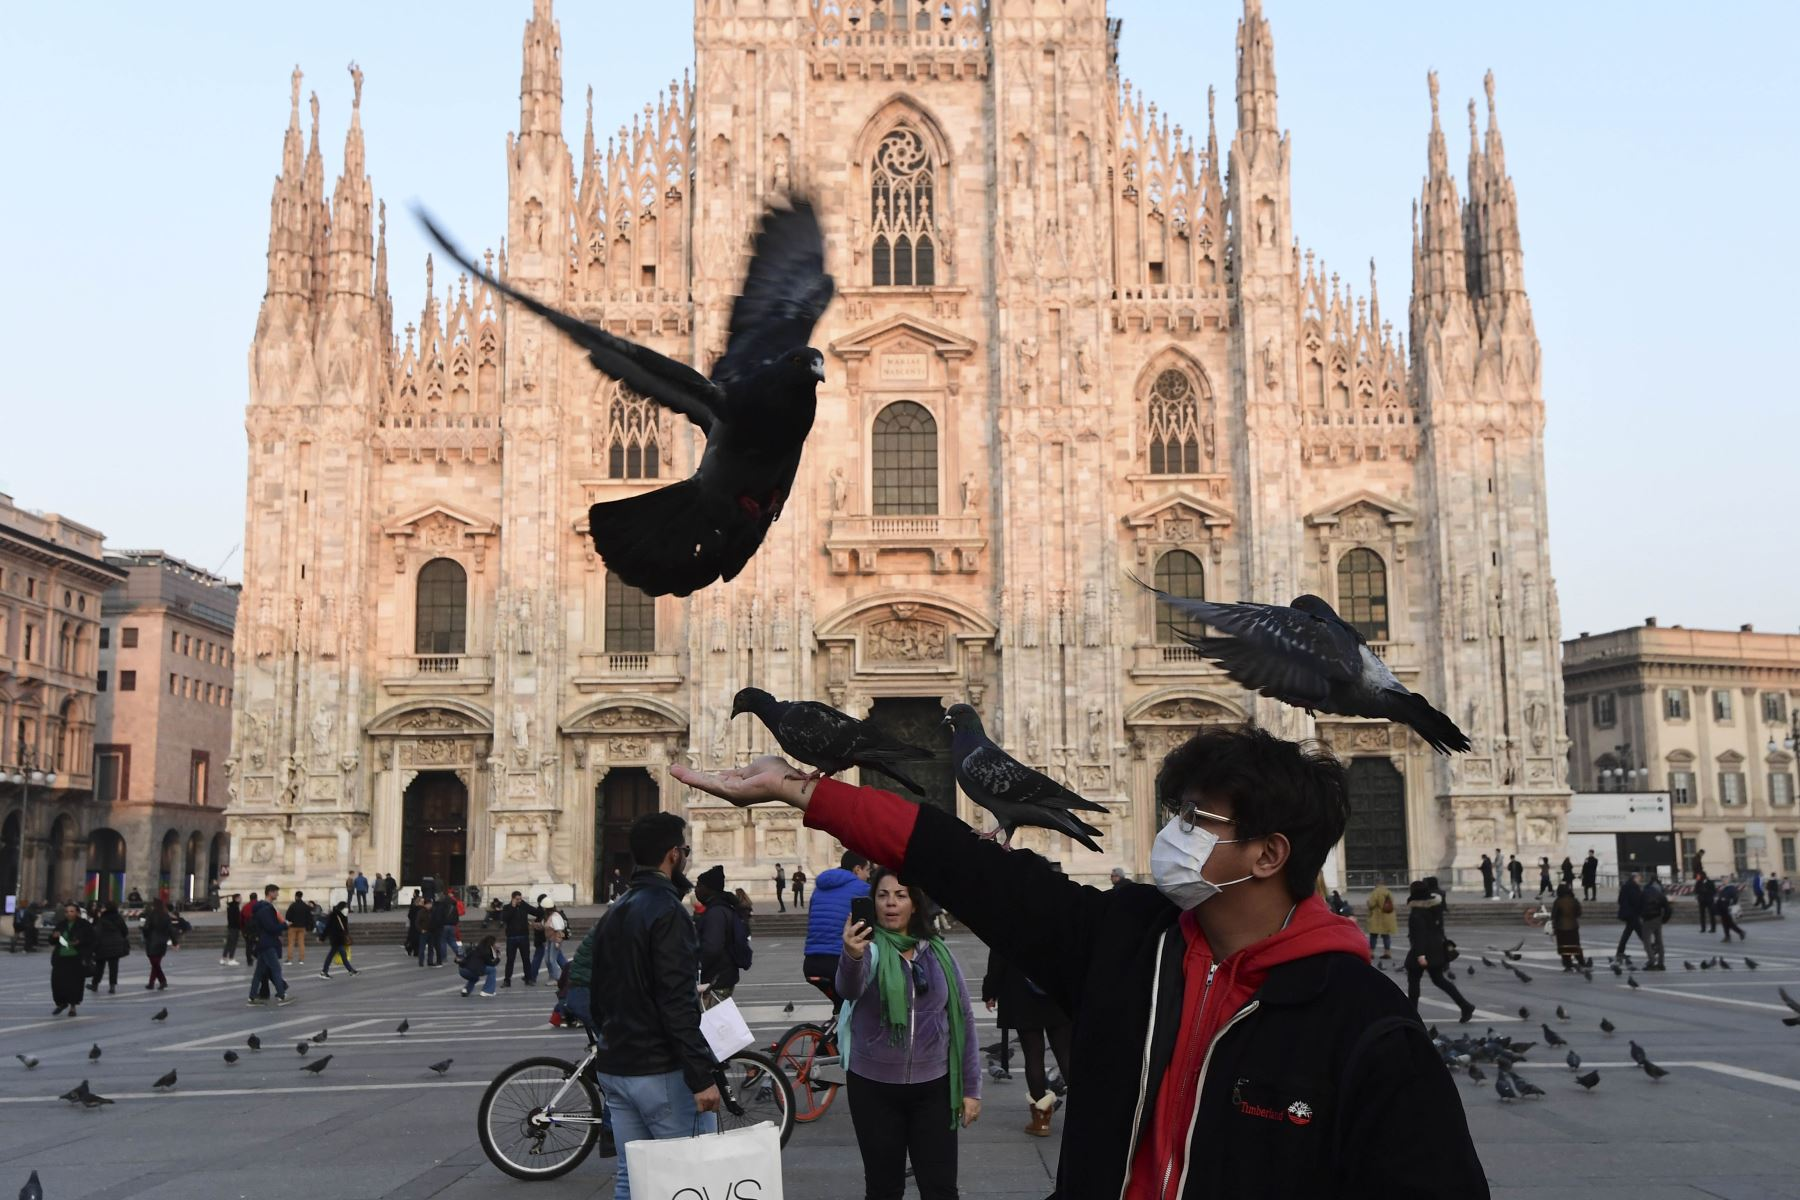 Un hombre con una máscara protectora juega con palomas en la Piazza del Duomo, en el centro de Milán, el 24 de febrero de 2020 tras las medidas de seguridad tomadas en el norte de Italia contra el COVID-19, el nuevo coronavirus. Foto: AFP